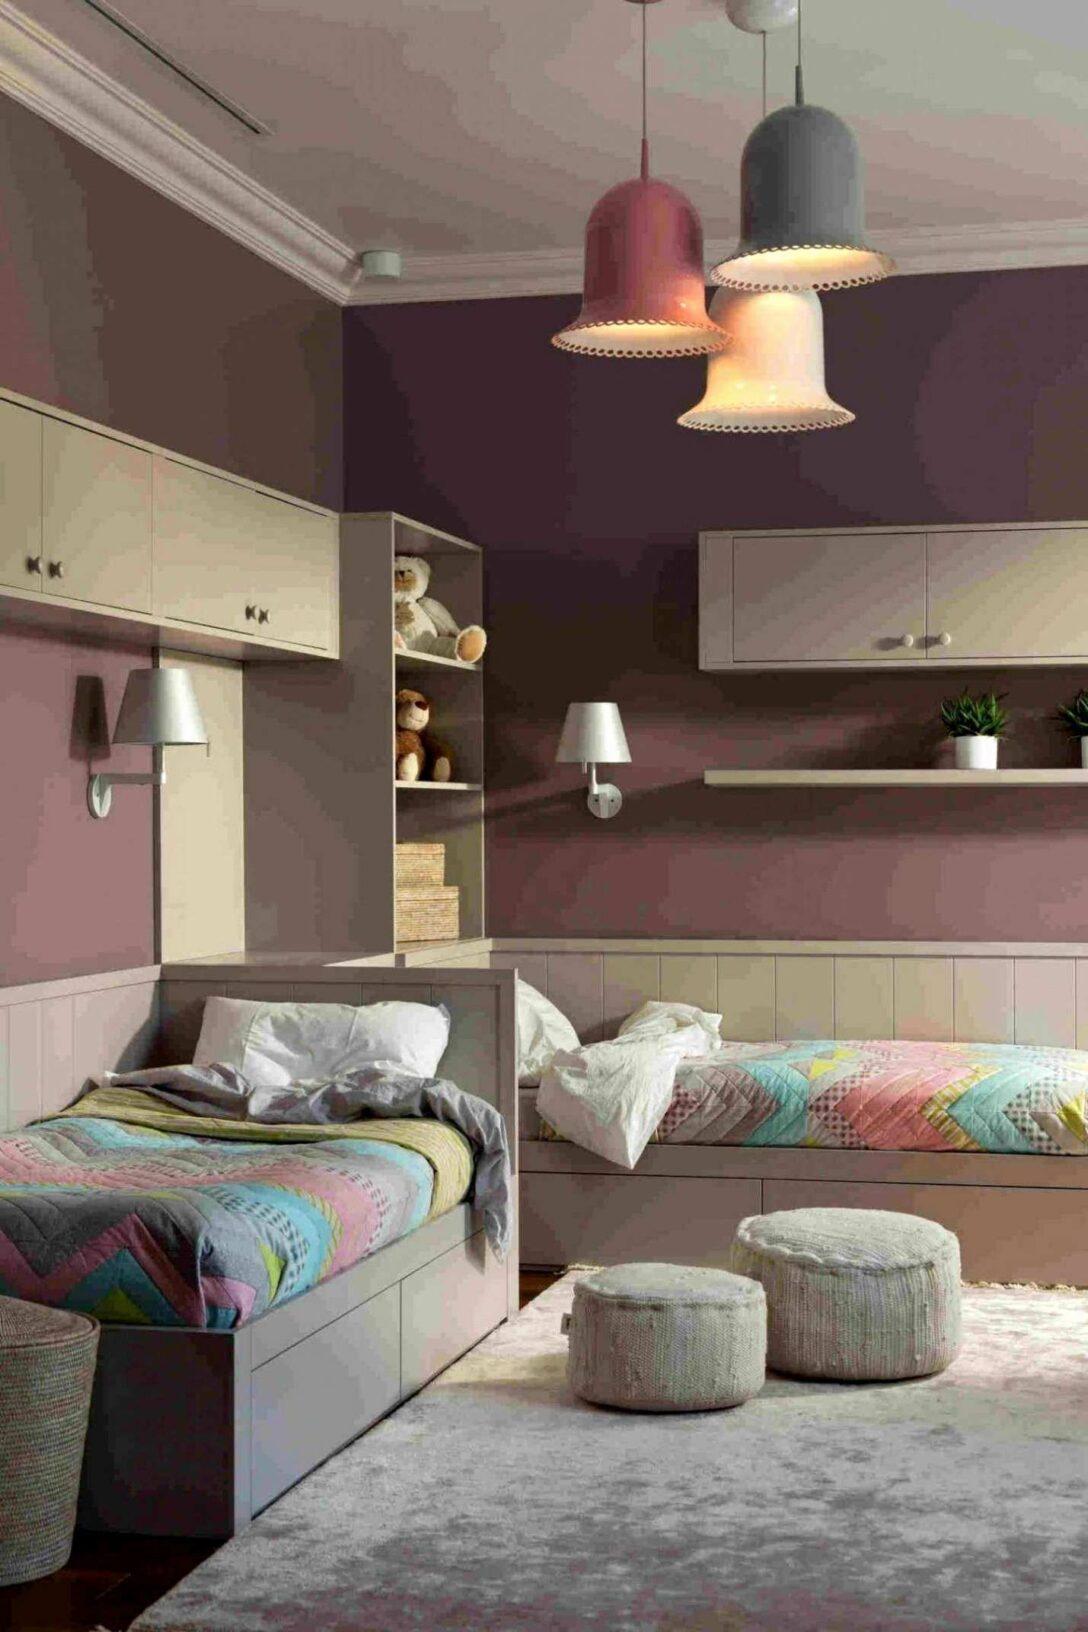 Large Size of Wohnzimmer Deckenleuchte Deckenleuchten Led Dimmbar Modern Ideen Messing Amazon Ikea Design 59 Schn Genial Tolles Stehlampe Deckenlampe Sessel Schrankwand Wohnzimmer Wohnzimmer Deckenleuchte